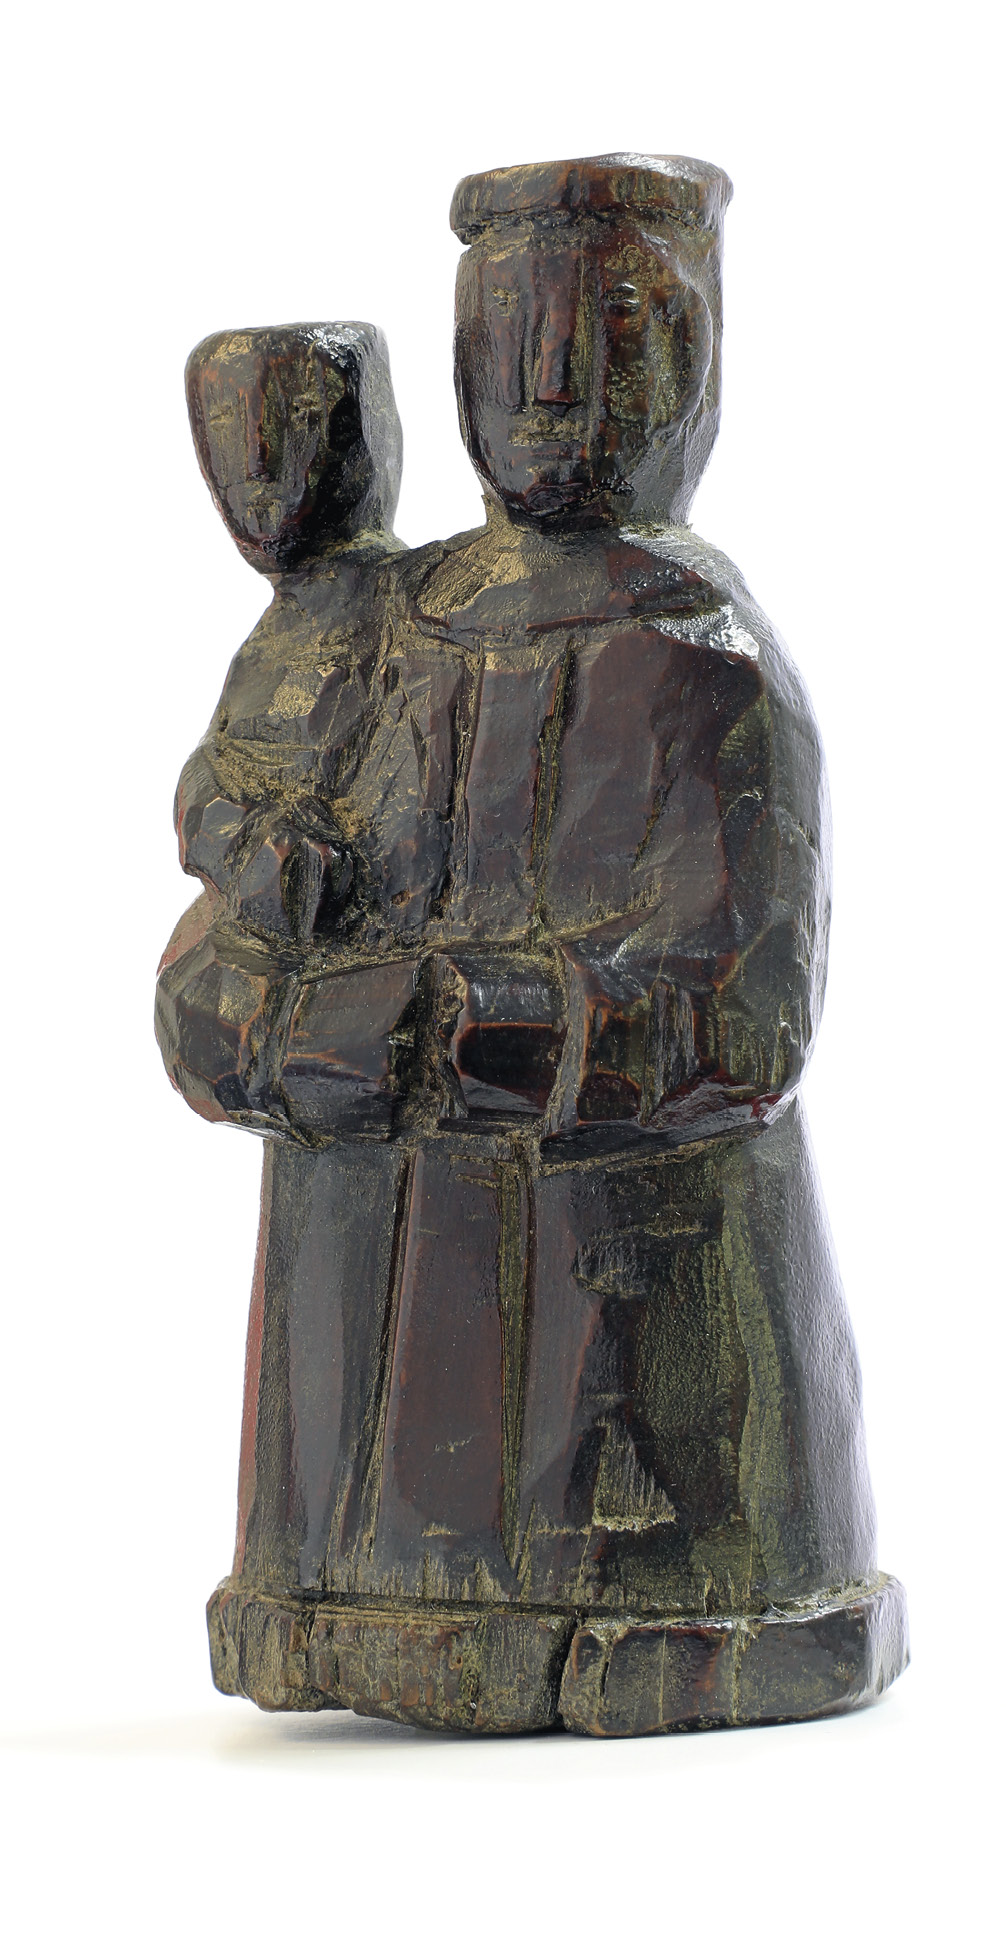 Santo António com o Menino Jesus, Escultura, 9,5 cm altura, c. 1830, Nó de Pinho, MLSA.ESC.0242